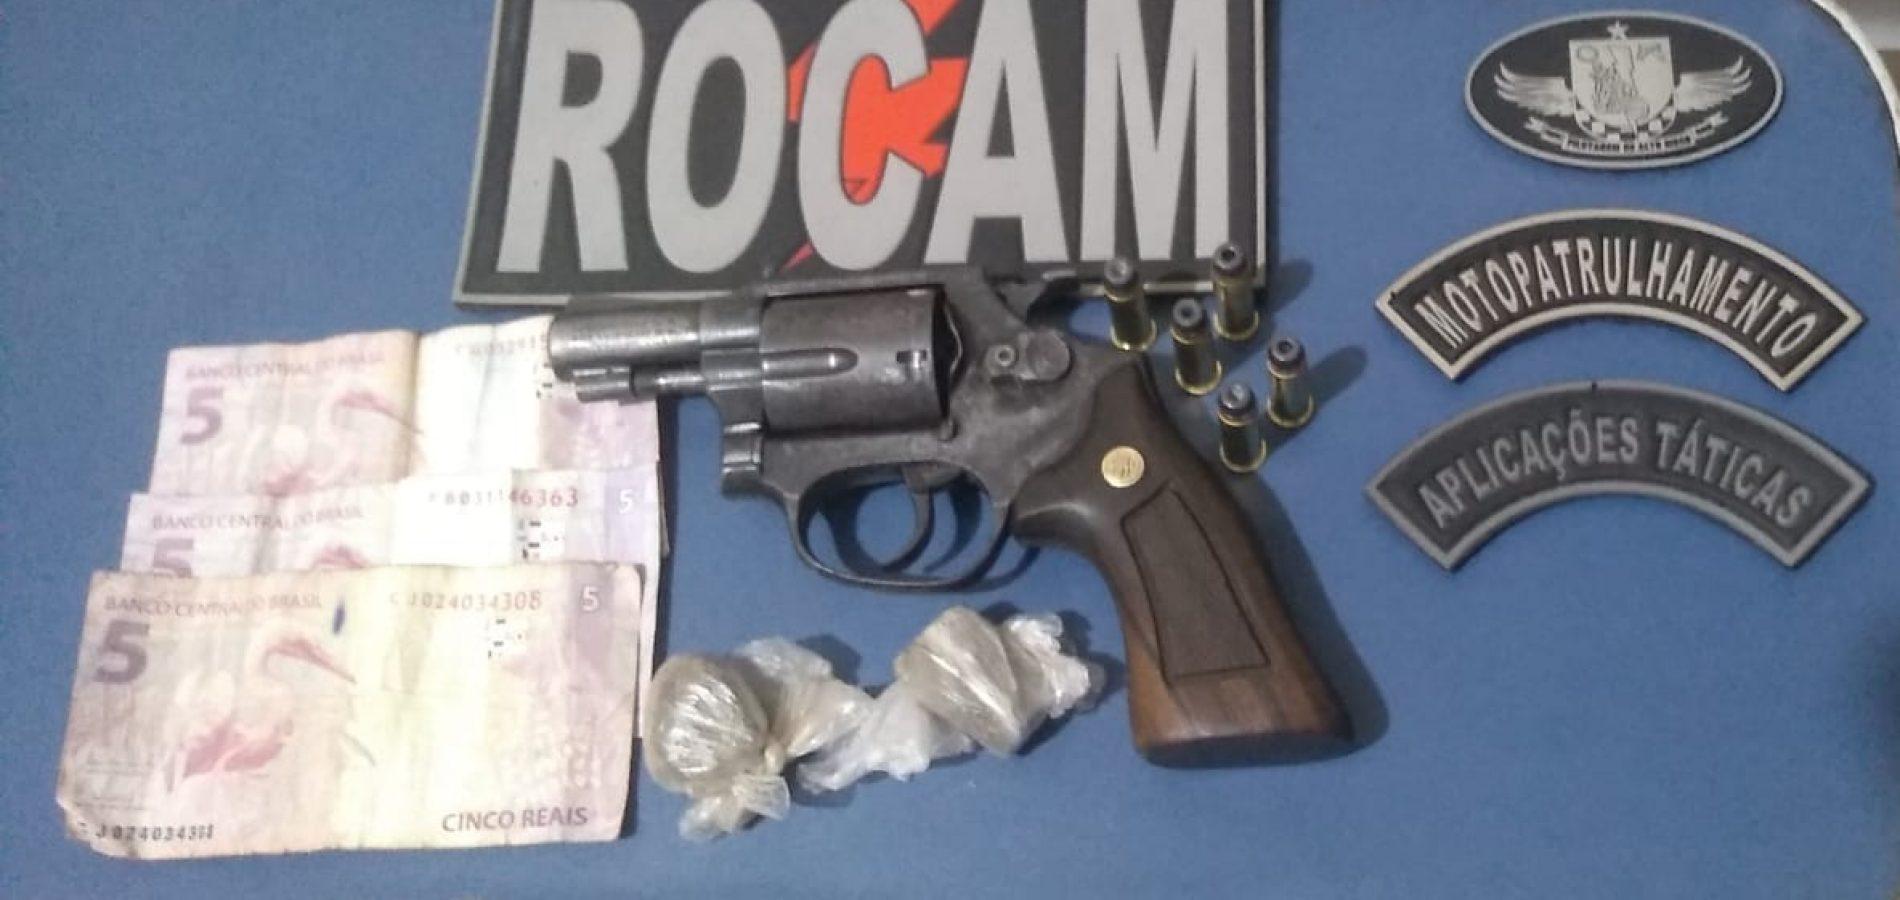 Em Picos, homem é preso por porte ilegal de arma de fogo após atirar contra outra pessoa